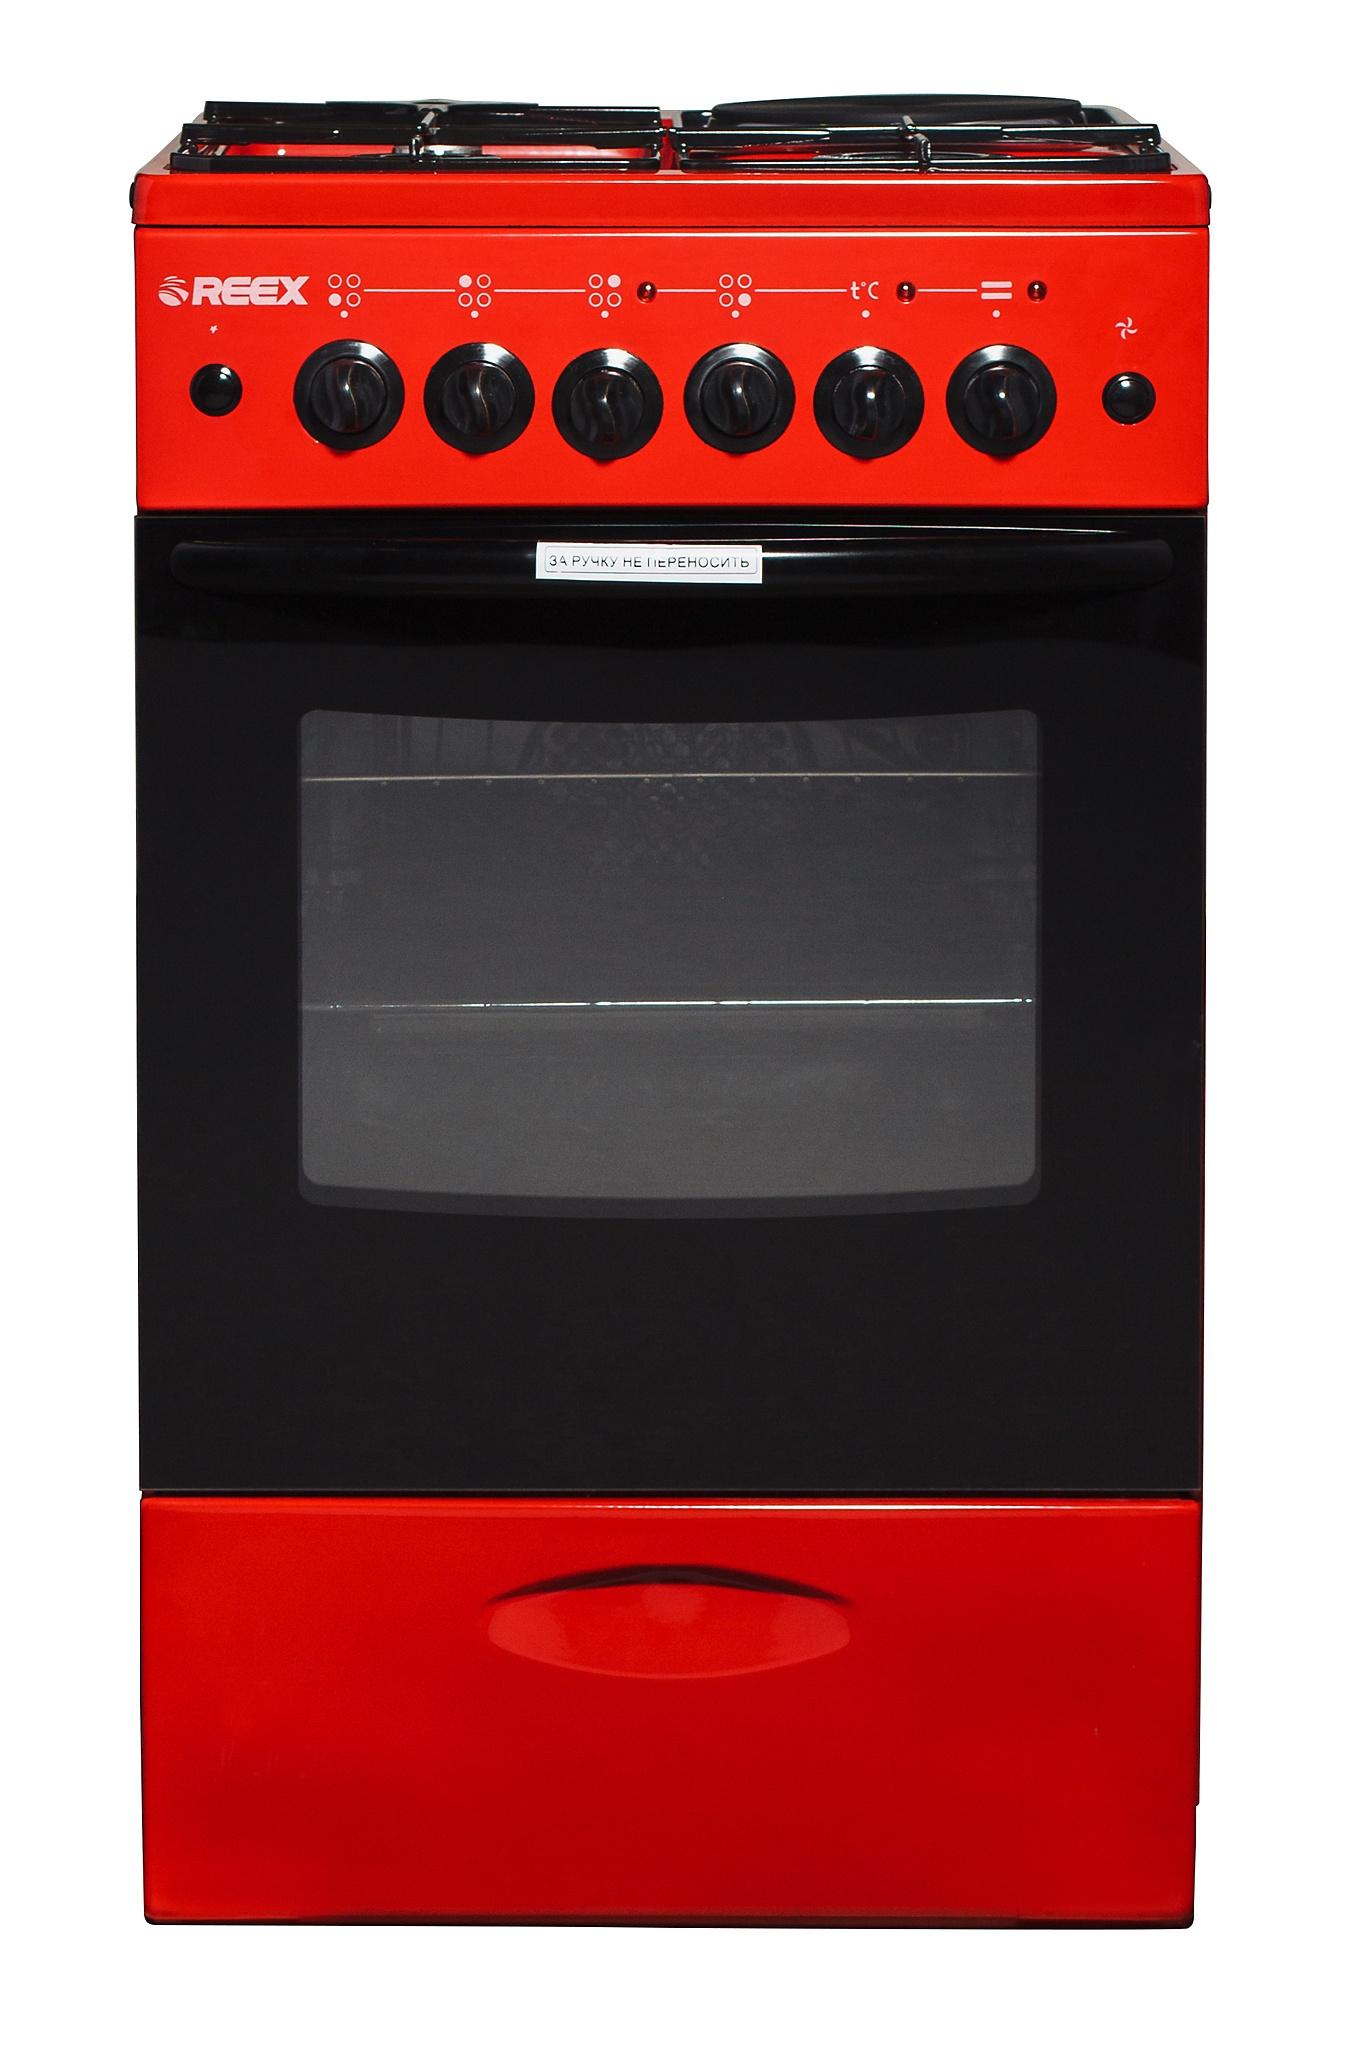 Газо-электрическая плита Reex CGE-531969 ecRd, TM000069214, красныйTM000069214Характеристики рабочей поверхности: Количество конфорок: 1 Количество горелок: 3 Мощность передней левой горелки: 1.5 кВт Мощность передней правой горелки: 2.3 кВт Мощность задней левой горелки: 1 кВт Мощность задней правой конфорки: 2 кВт (180 мм) Характеристики жарочного шкафа: Мощность верхнего ТЭНа: 1.0 кВт Мощность нижнего ТЭНа: 1.4 кВт Мощность ТЭН-гриля: 1.6 кВт Объём жарочного шкафа — 57 л Элементы комфортности: электророзжиг конвекция подсветка духовки стеклянная крышка стола дверца съёмная с двойным стеклом выдвижной ящик для хранения кухонных принадлежностей подставка для посуды малого диаметра Установленная мощность: 5.5 кВт Единовременно потребляемая мощность: 3.0 кВт Габаритные размеры: 50х60х85 см (ШхГхВ) Габариты в упаковке: 55х66х95 см (ШхГхВ) Цвет: красный Масса брутто: 42 кг Масса нетто : 36 кг. Газ: природный или сжиженный Гарантия:2 года